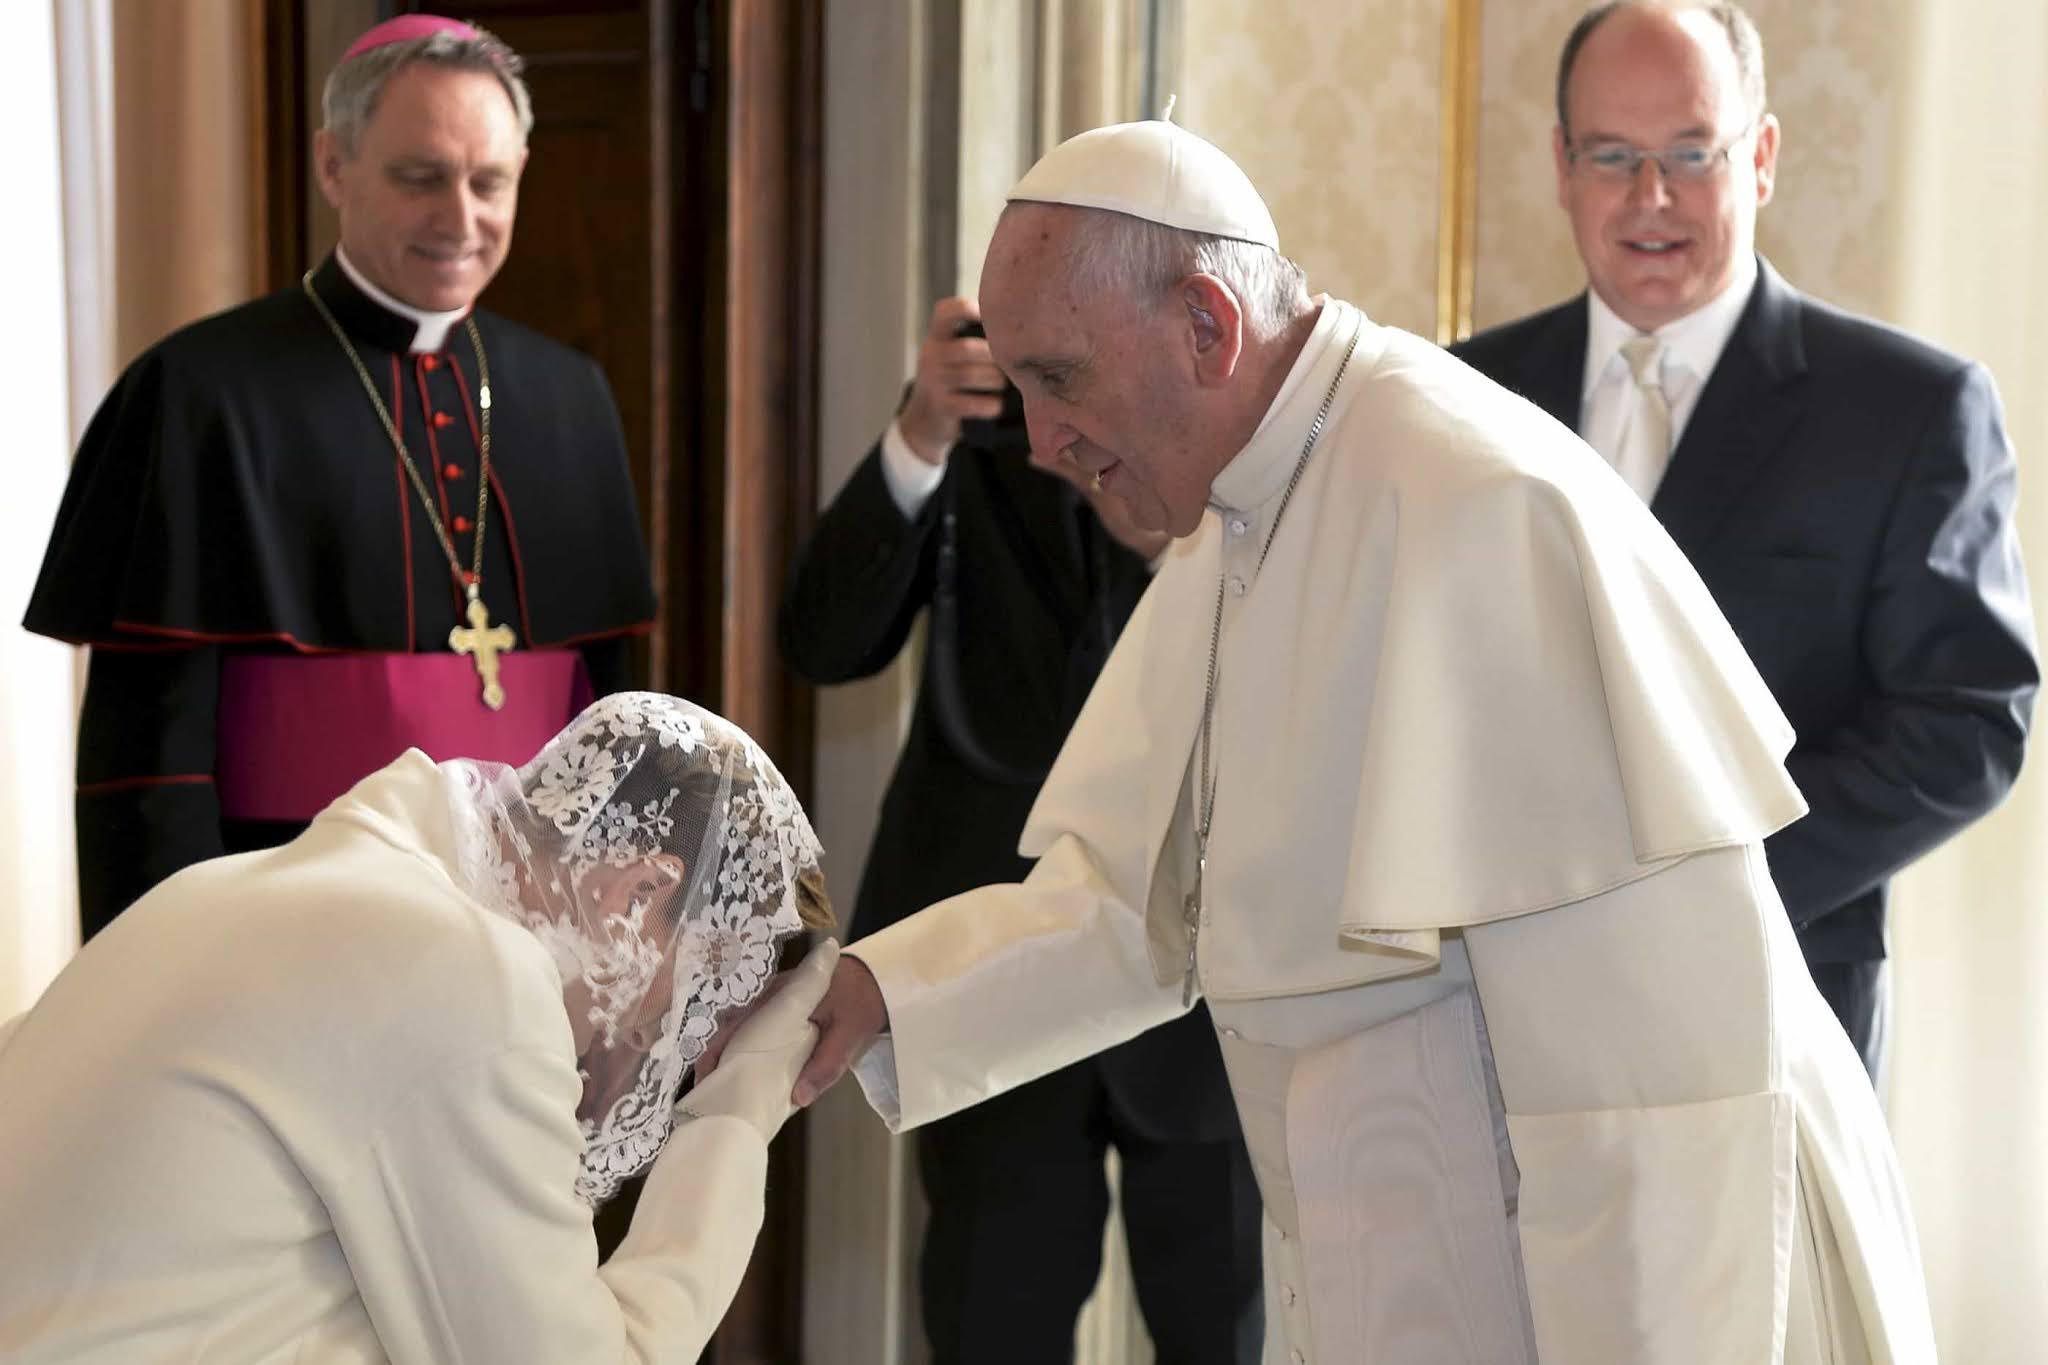 beleza e piedade: piedoso uso do véu